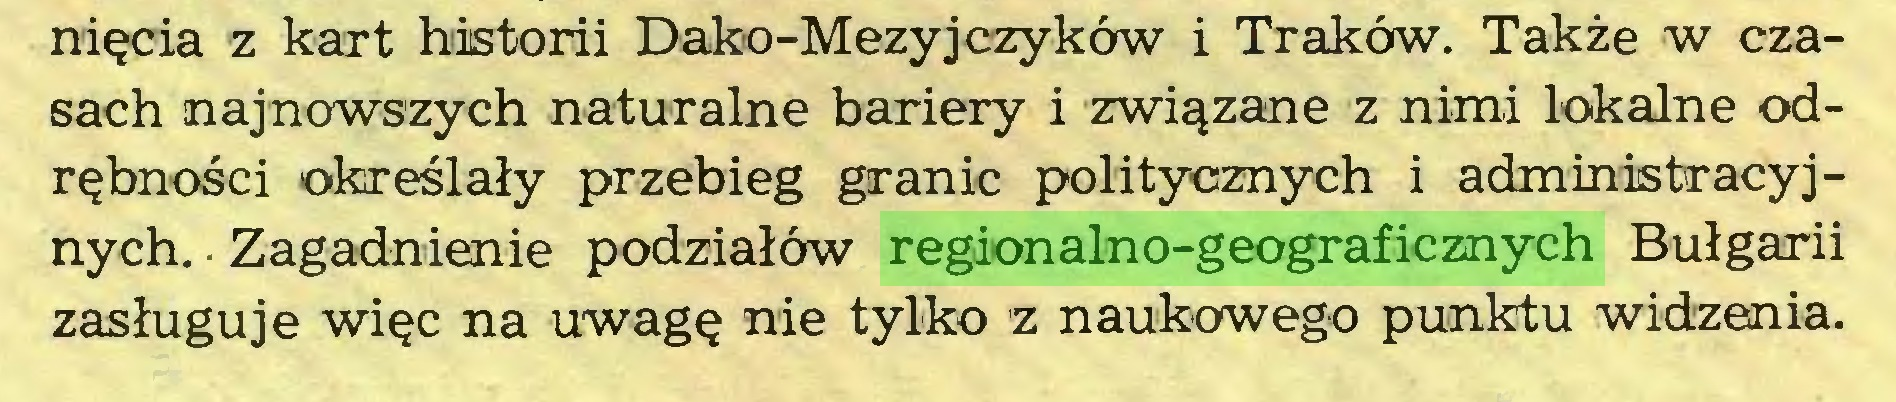 (...) nięcia z kart historii Dako-Mezyjczyków i Traków. Także w czasach najnowszych naturalne bariery i związane z nimi lokalne odrębności określały przebieg granic politycznych i administracyjnych. ■ Zagadnienie podziałów regionalno-geograficznych Bułgarii zasługuje więc na uwagę nie tylko z naukowego punktu widzenia...